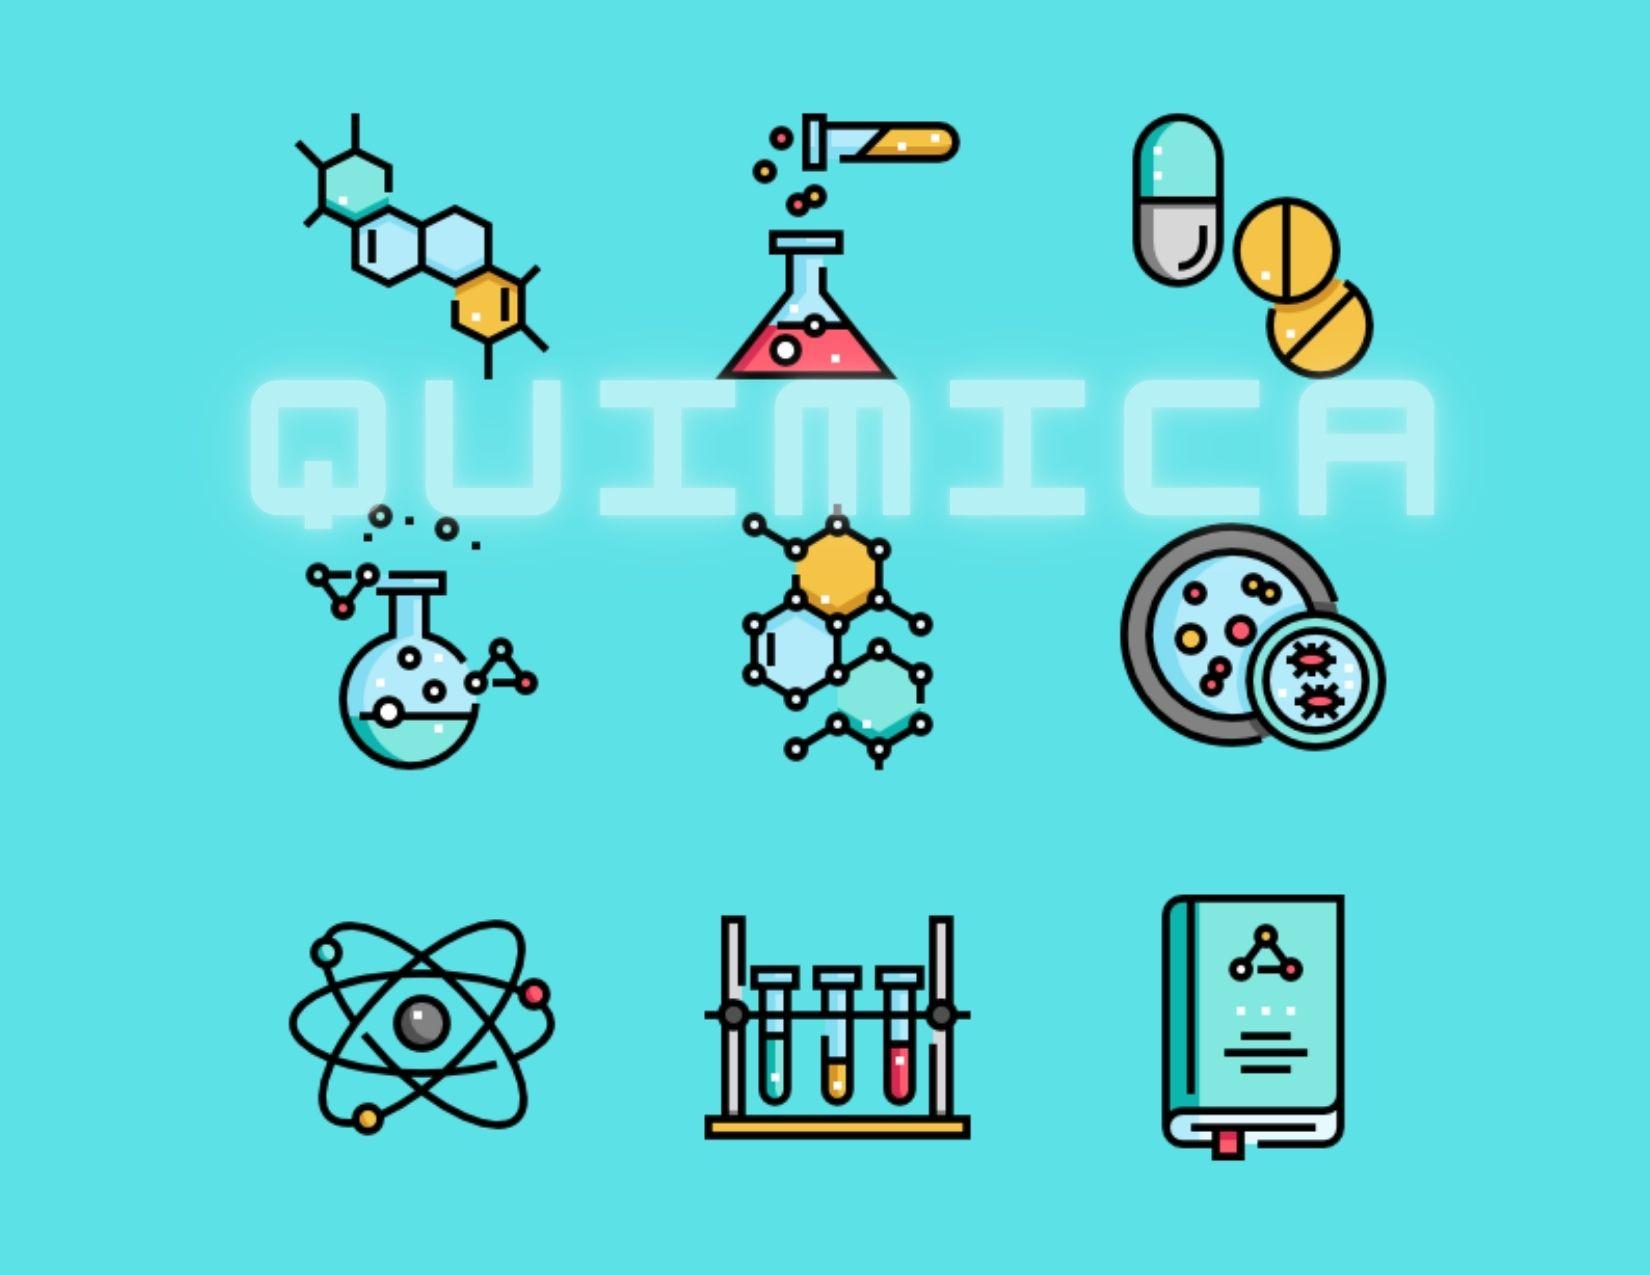 curso de quimica